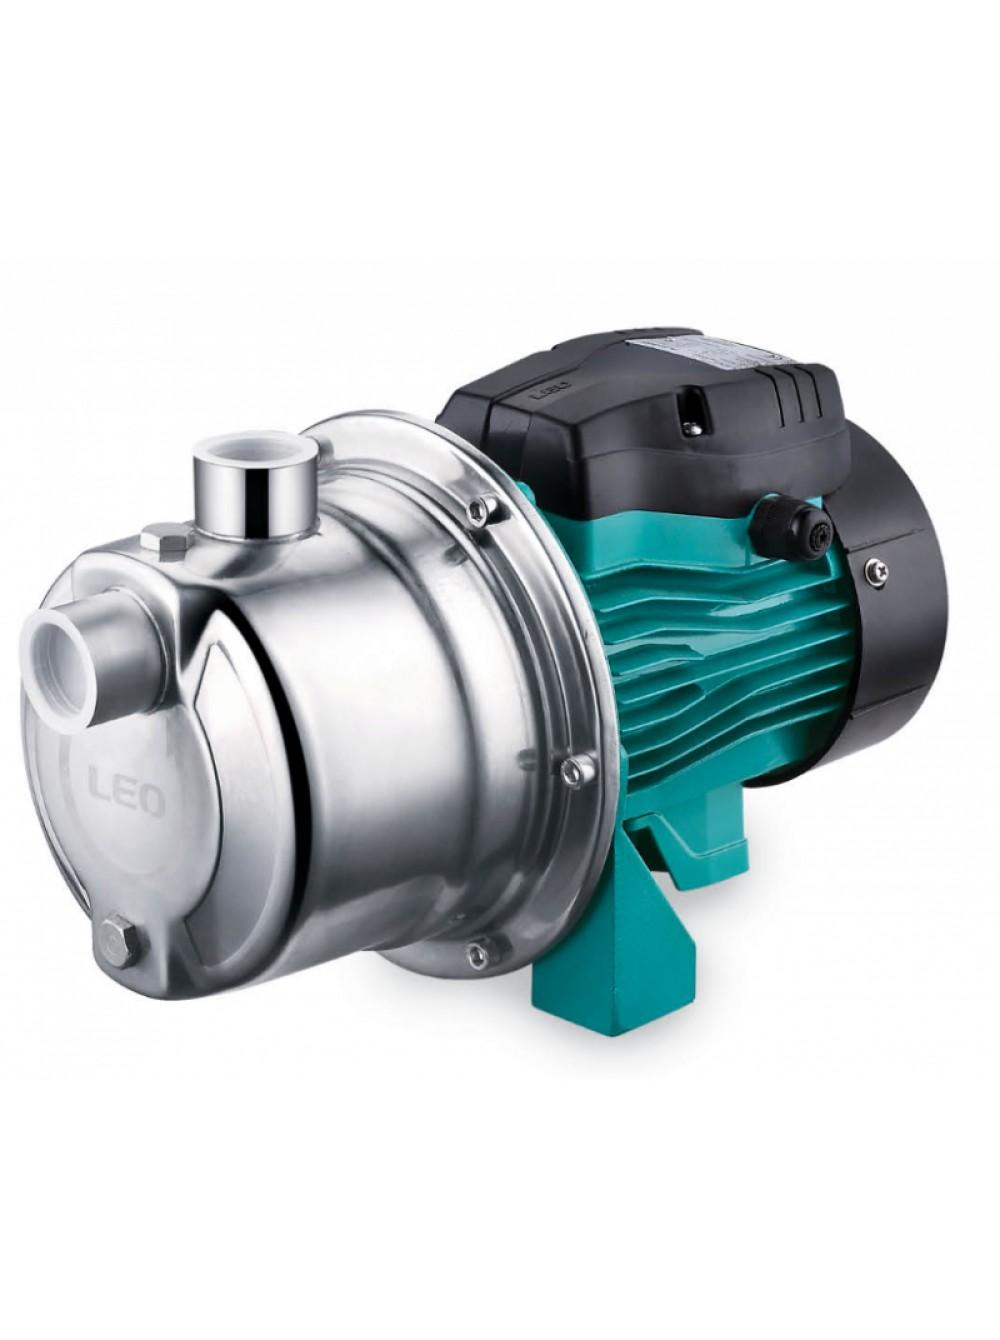 Насос центробежный самовсасывающий Aquatica 775351 0,3 кВт цена